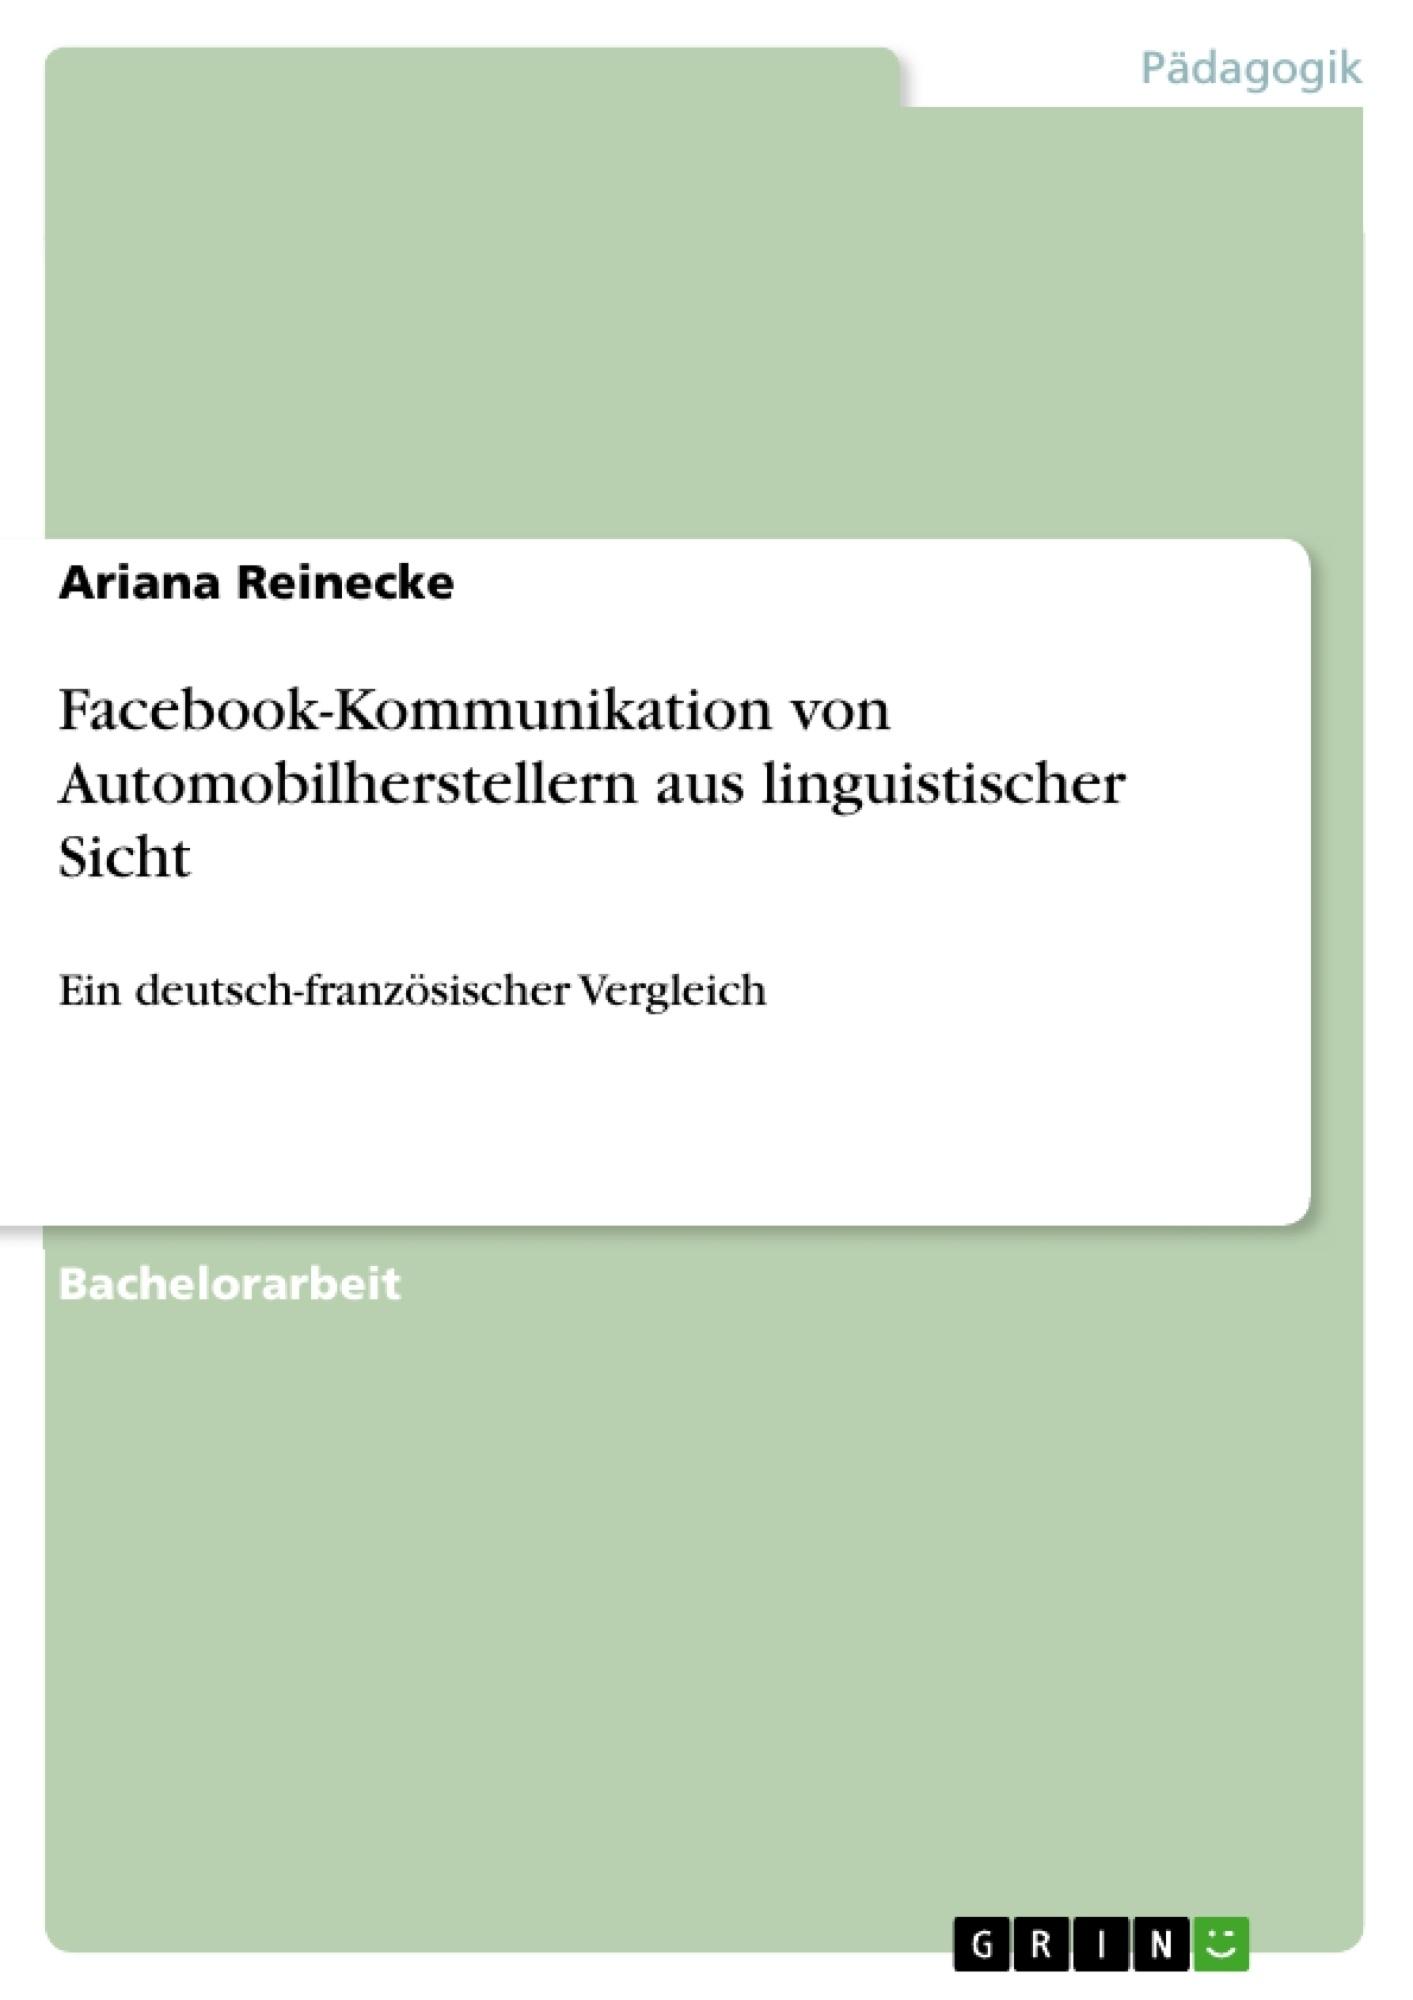 Titel: Facebook-Kommunikation von Automobilherstellern aus linguistischer Sicht